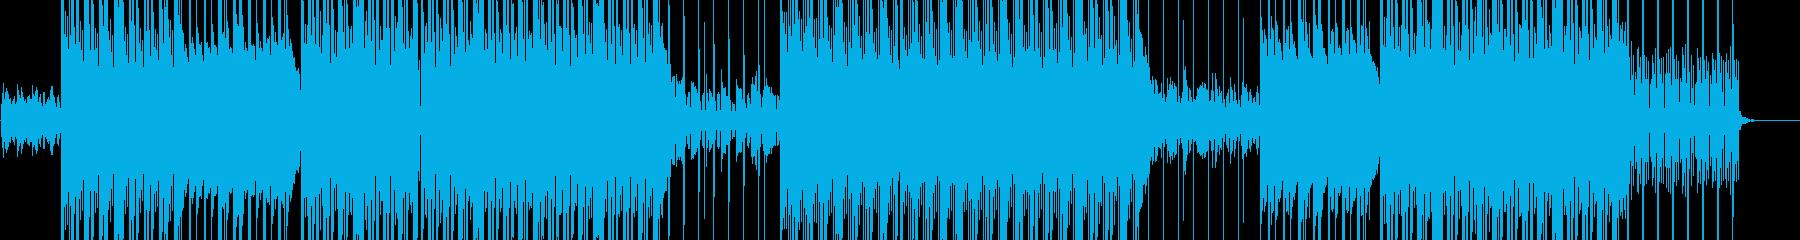 アップテンポトラップビートの再生済みの波形